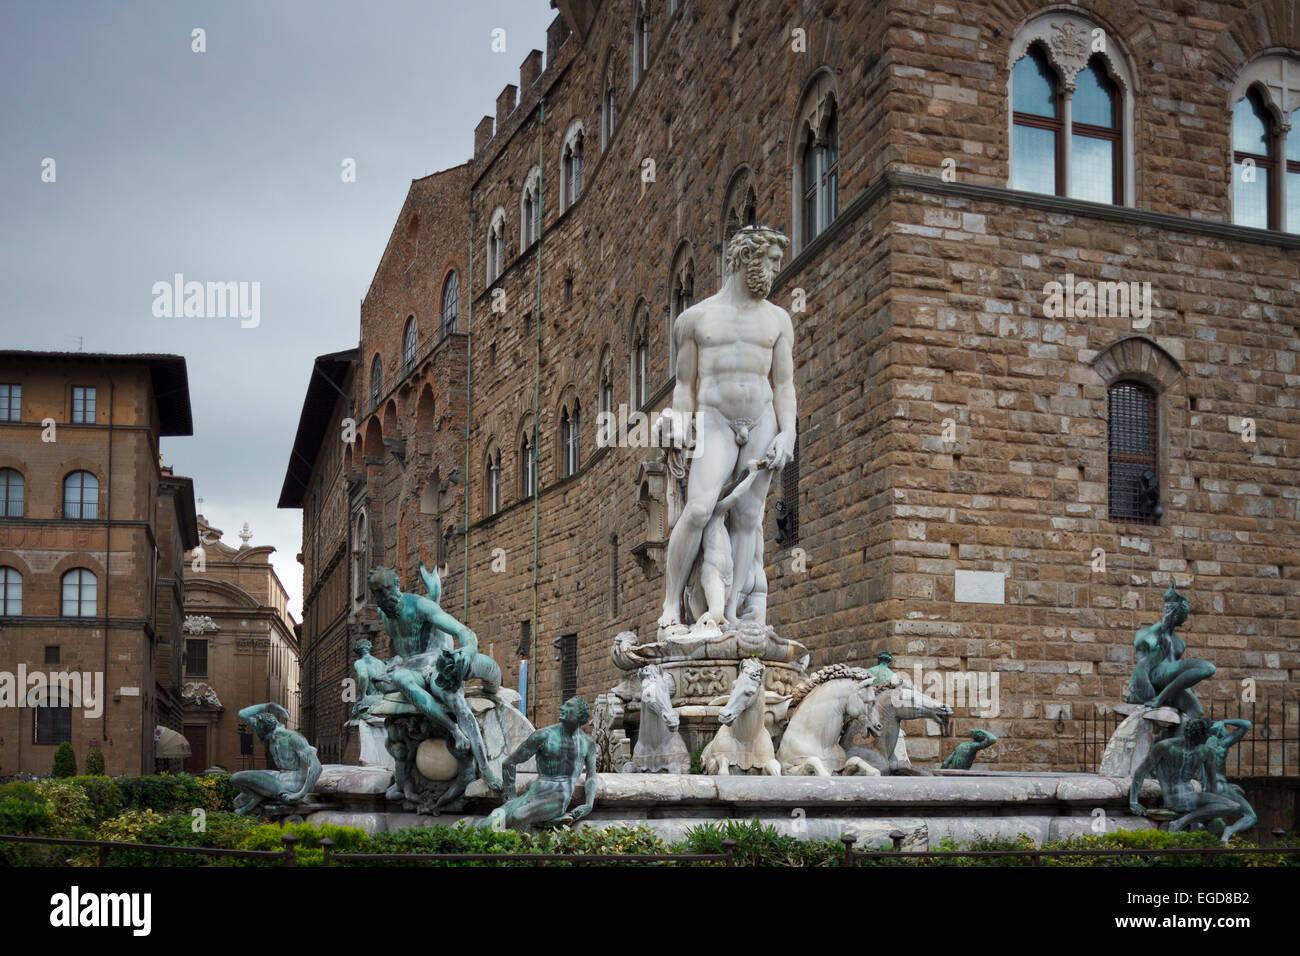 Fontana de Nettuno, Fountain of Neptune in front of the Palazzo Vecchio, Piazza della Signoria square, historic - Stock Image